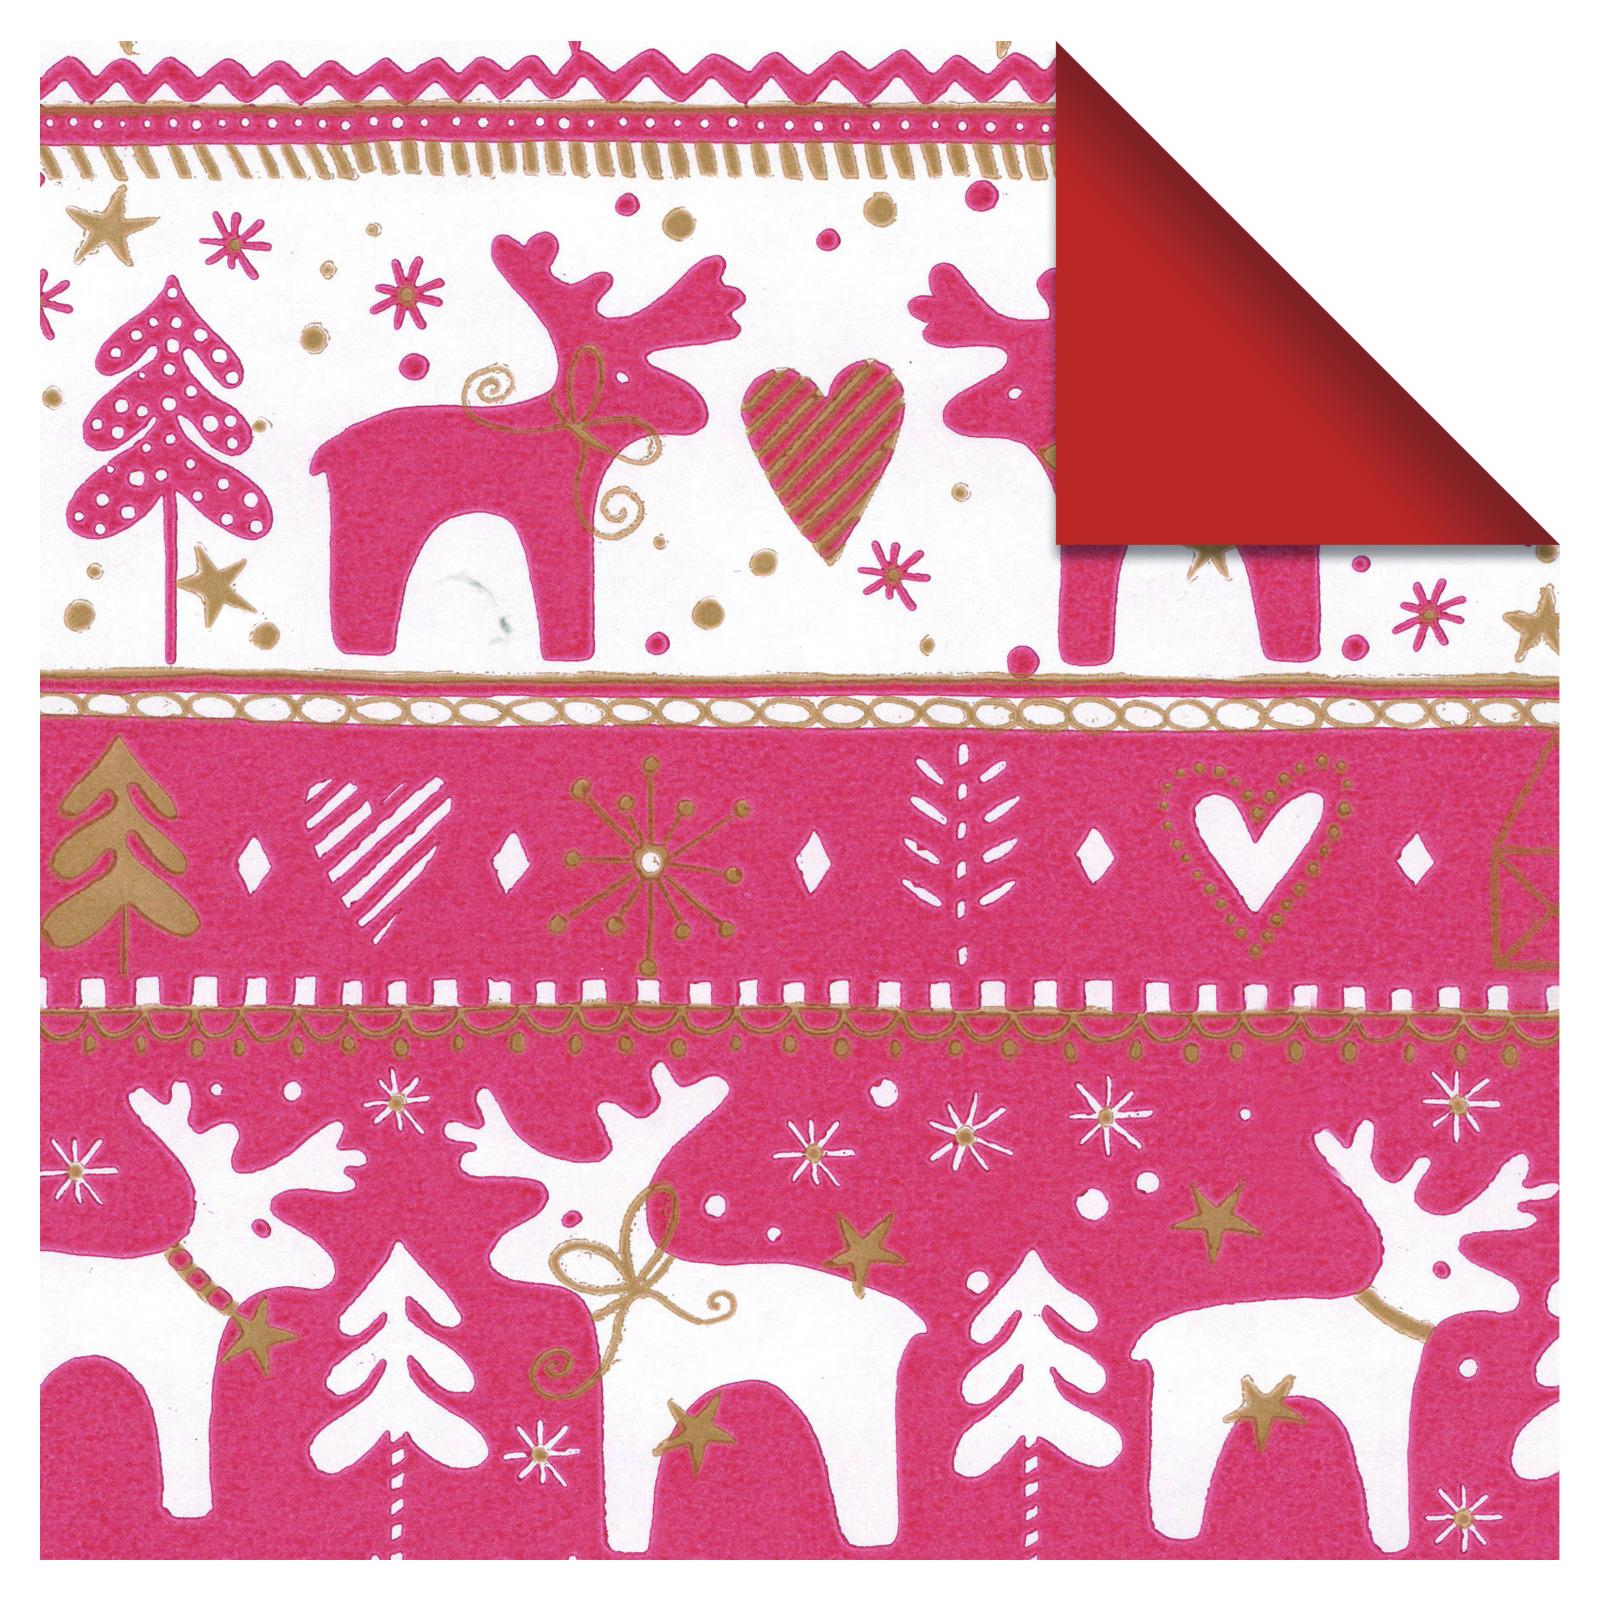 Geschenkpapier Weihnachten.Geschenkpapier Weihnachten In Bullerbü